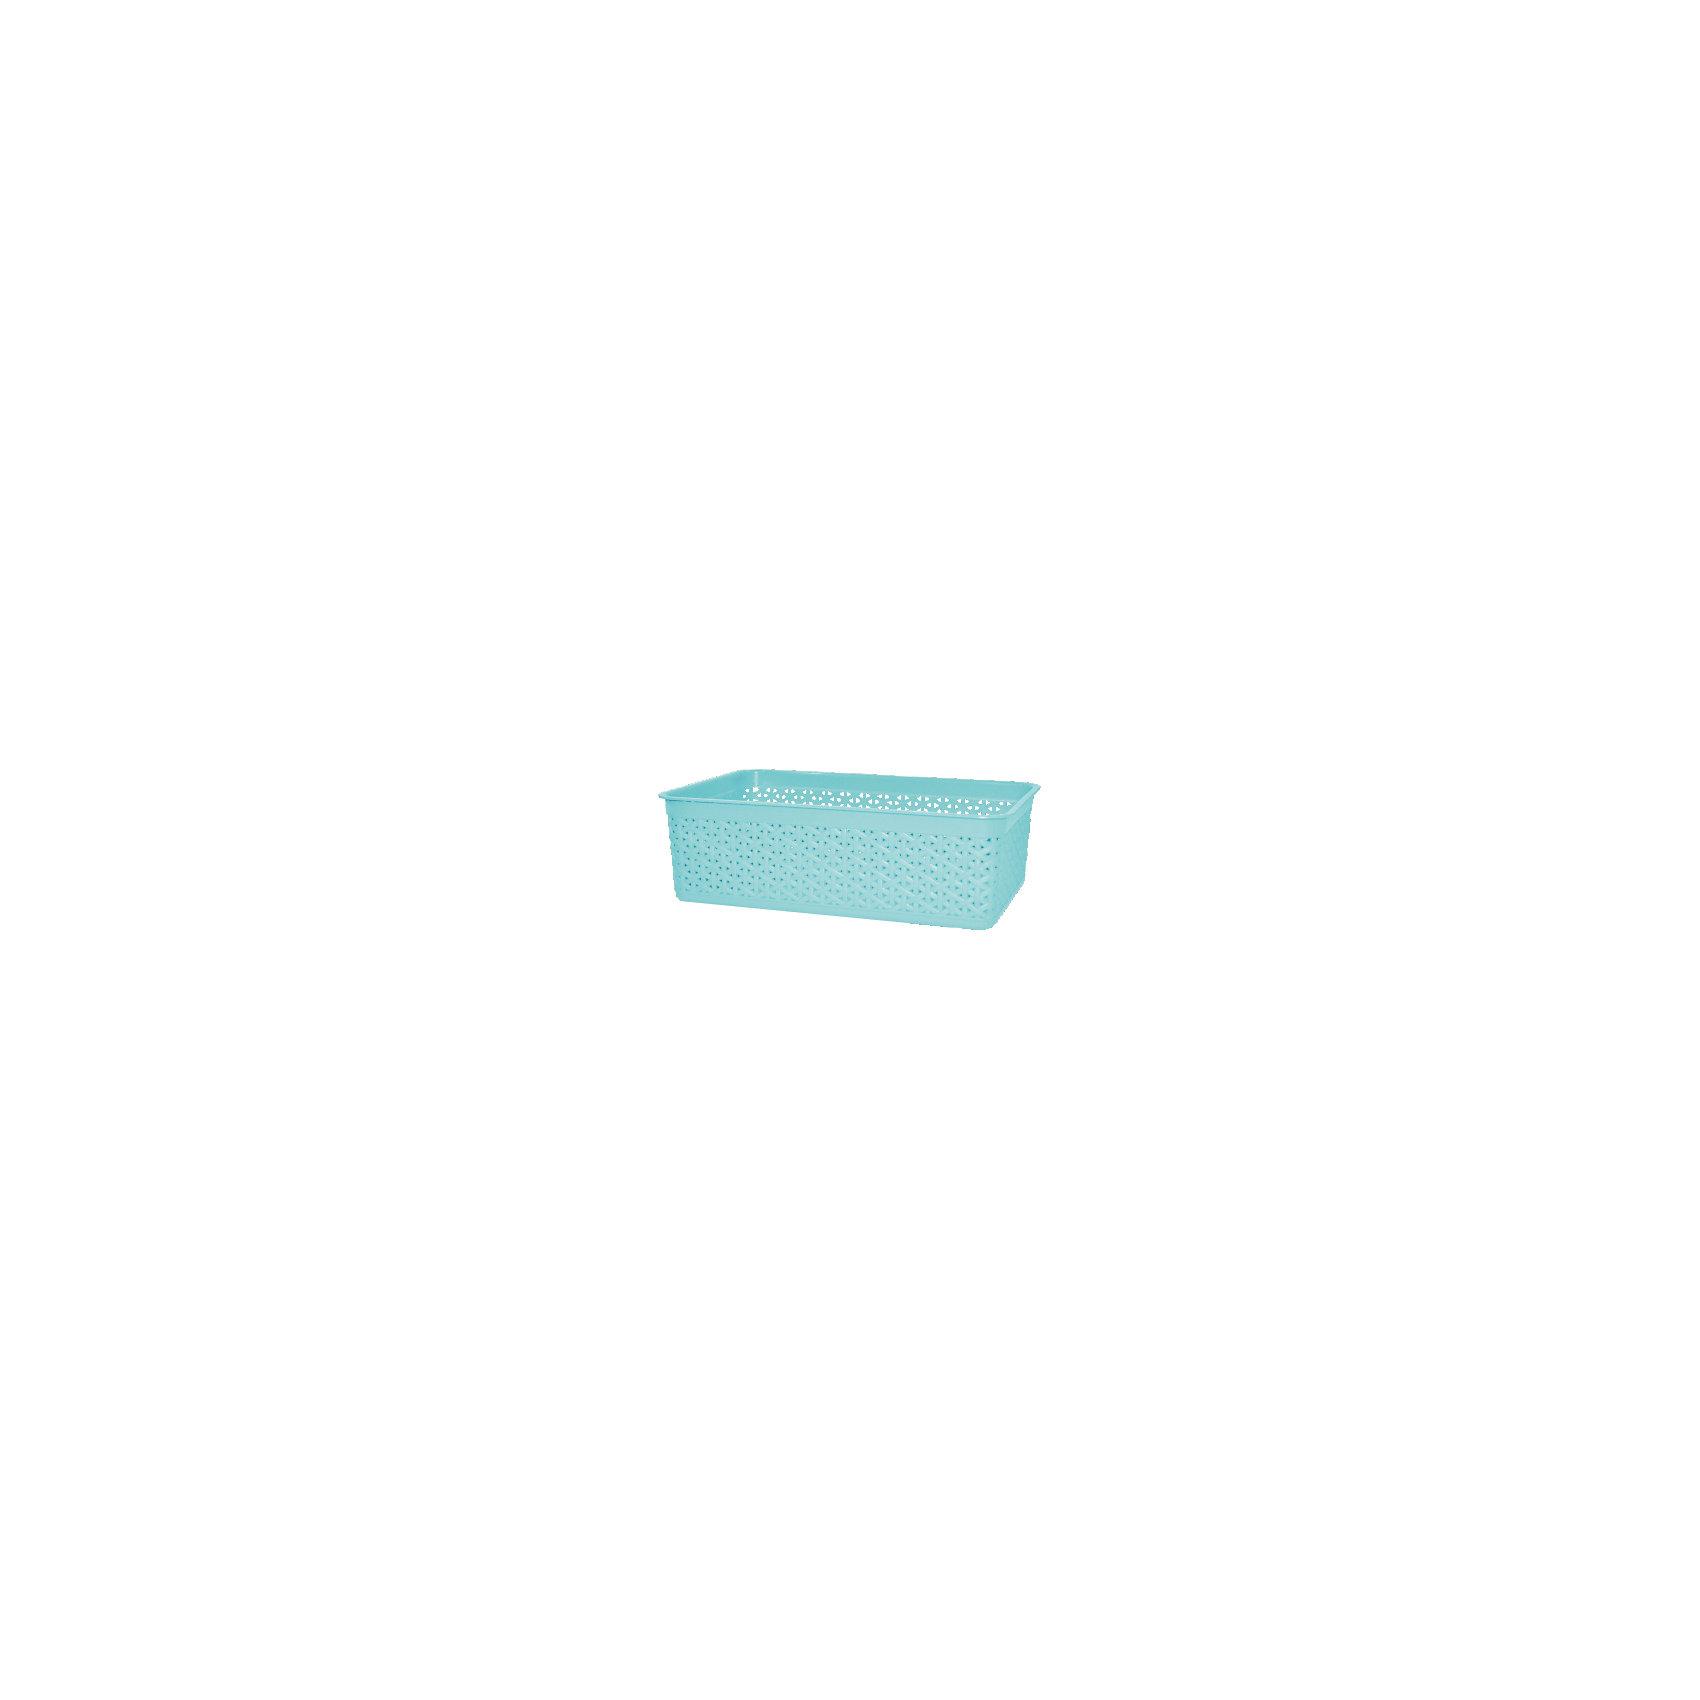 Корзинка универсальная Natural Style, BranQПосуда<br>Корзинка универсальная NaturalStyle, BranQ<br><br>Характеристики:<br><br>• Вес: 157 г<br>• Размер: 25,7х15,8х8<br>• Цвет: голубой<br>• Материал: пластик<br><br>Универсальная корзинка в стиле NaturalStyle станет прекрасным дополнением к дизайну вашего дома. Она изготовлена из высококачественного цветного пластика с перфорацией и предназначена для хранения мелочей. Благодаря ее использованию, вы больше никогда не потеряете ключи или другие полезные мелочи.<br><br>Корзинка универсальная NaturalStyle, BranQ можно купить в нашем интернет-магазине.<br><br>Ширина мм: 257<br>Глубина мм: 158<br>Высота мм: 80<br>Вес г: 157<br>Возраст от месяцев: 216<br>Возраст до месяцев: 1188<br>Пол: Унисекс<br>Возраст: Детский<br>SKU: 5545595